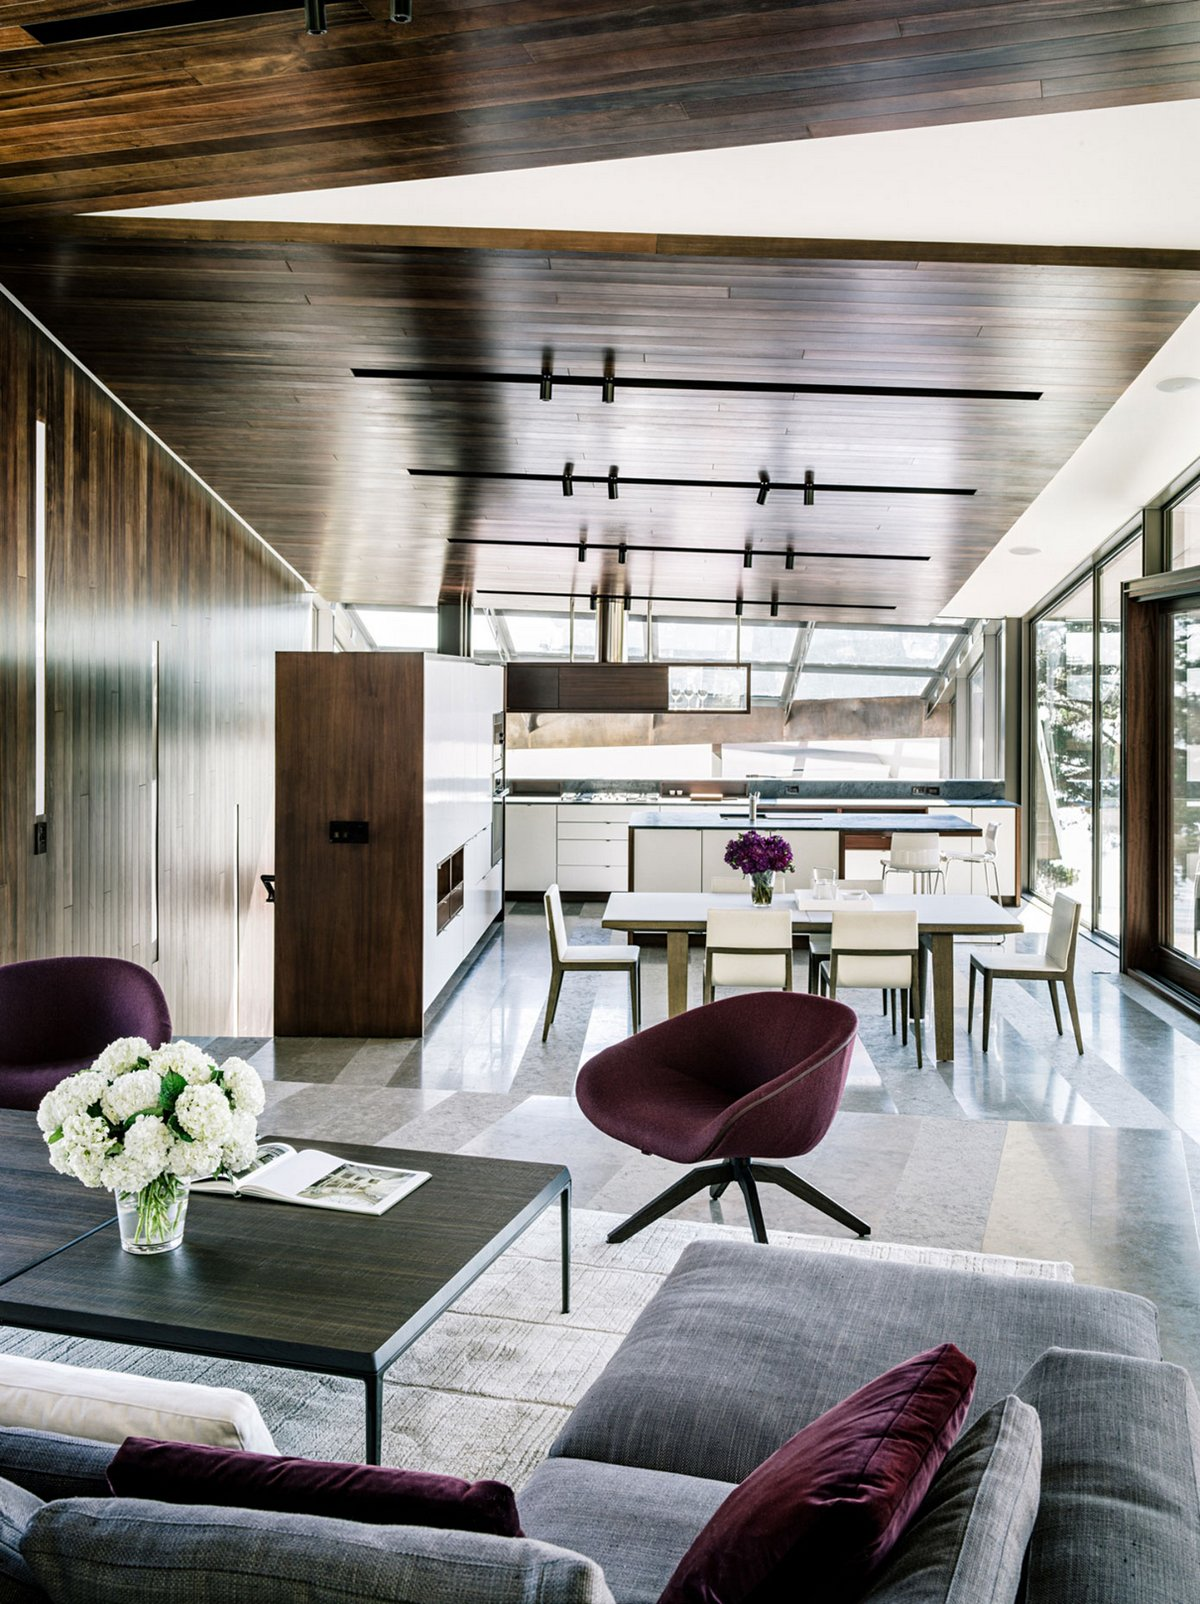 Fougeron Architecture, Fall House, дома в Калифорнии, лучшие дома США, дом на краю обрыва, стеклянная крыша дома, потрясающий вид из окон частного дома